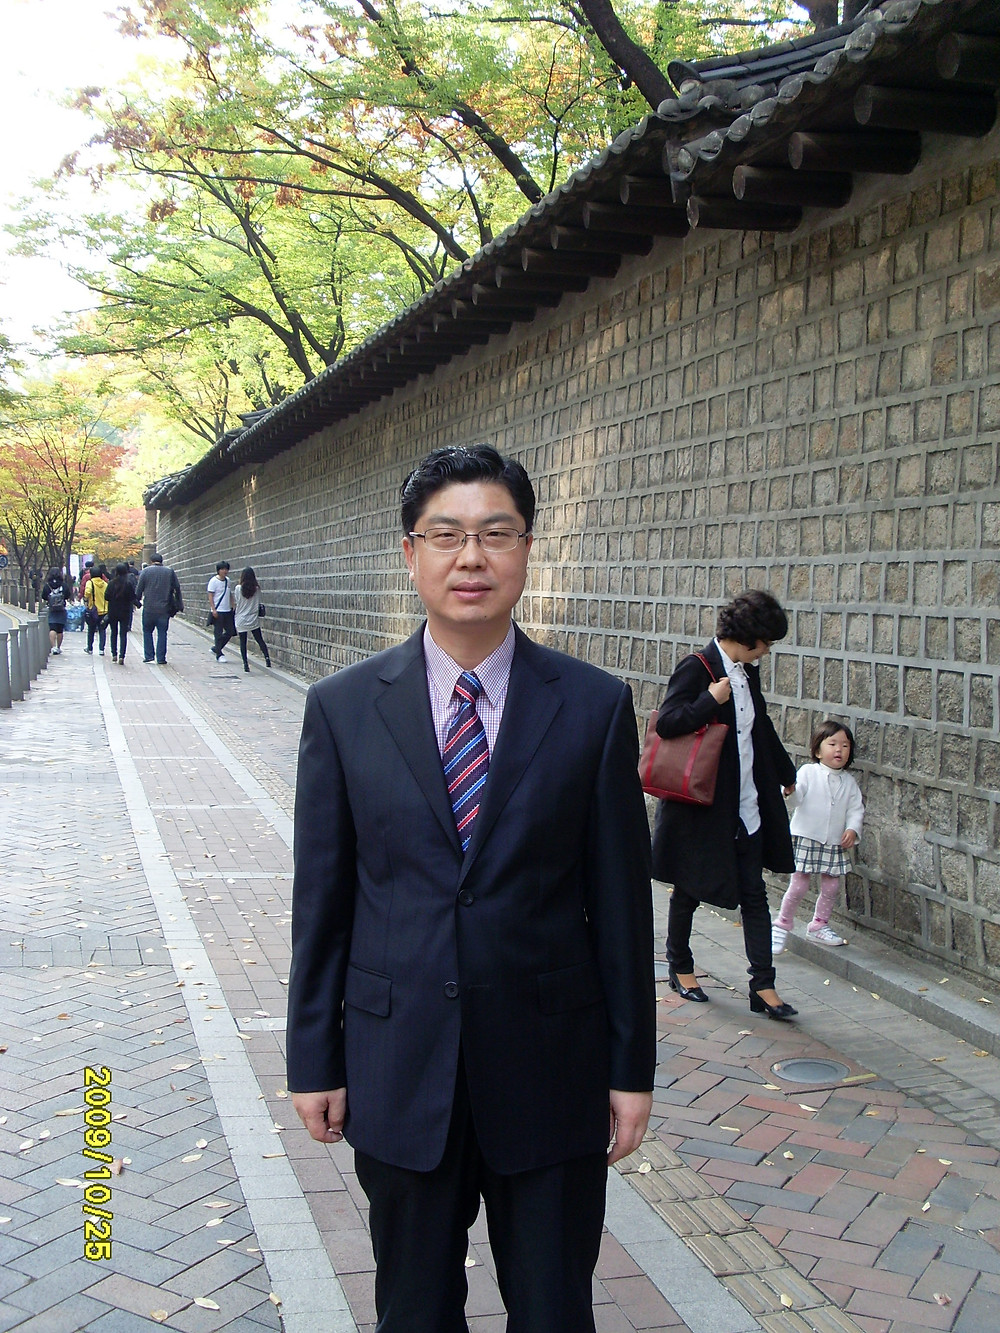 내가 근무하던 서울시의회 사무실 창가에서 보이는 덕수궁 돌담길을 점심을 먹고 걷곤 했다.